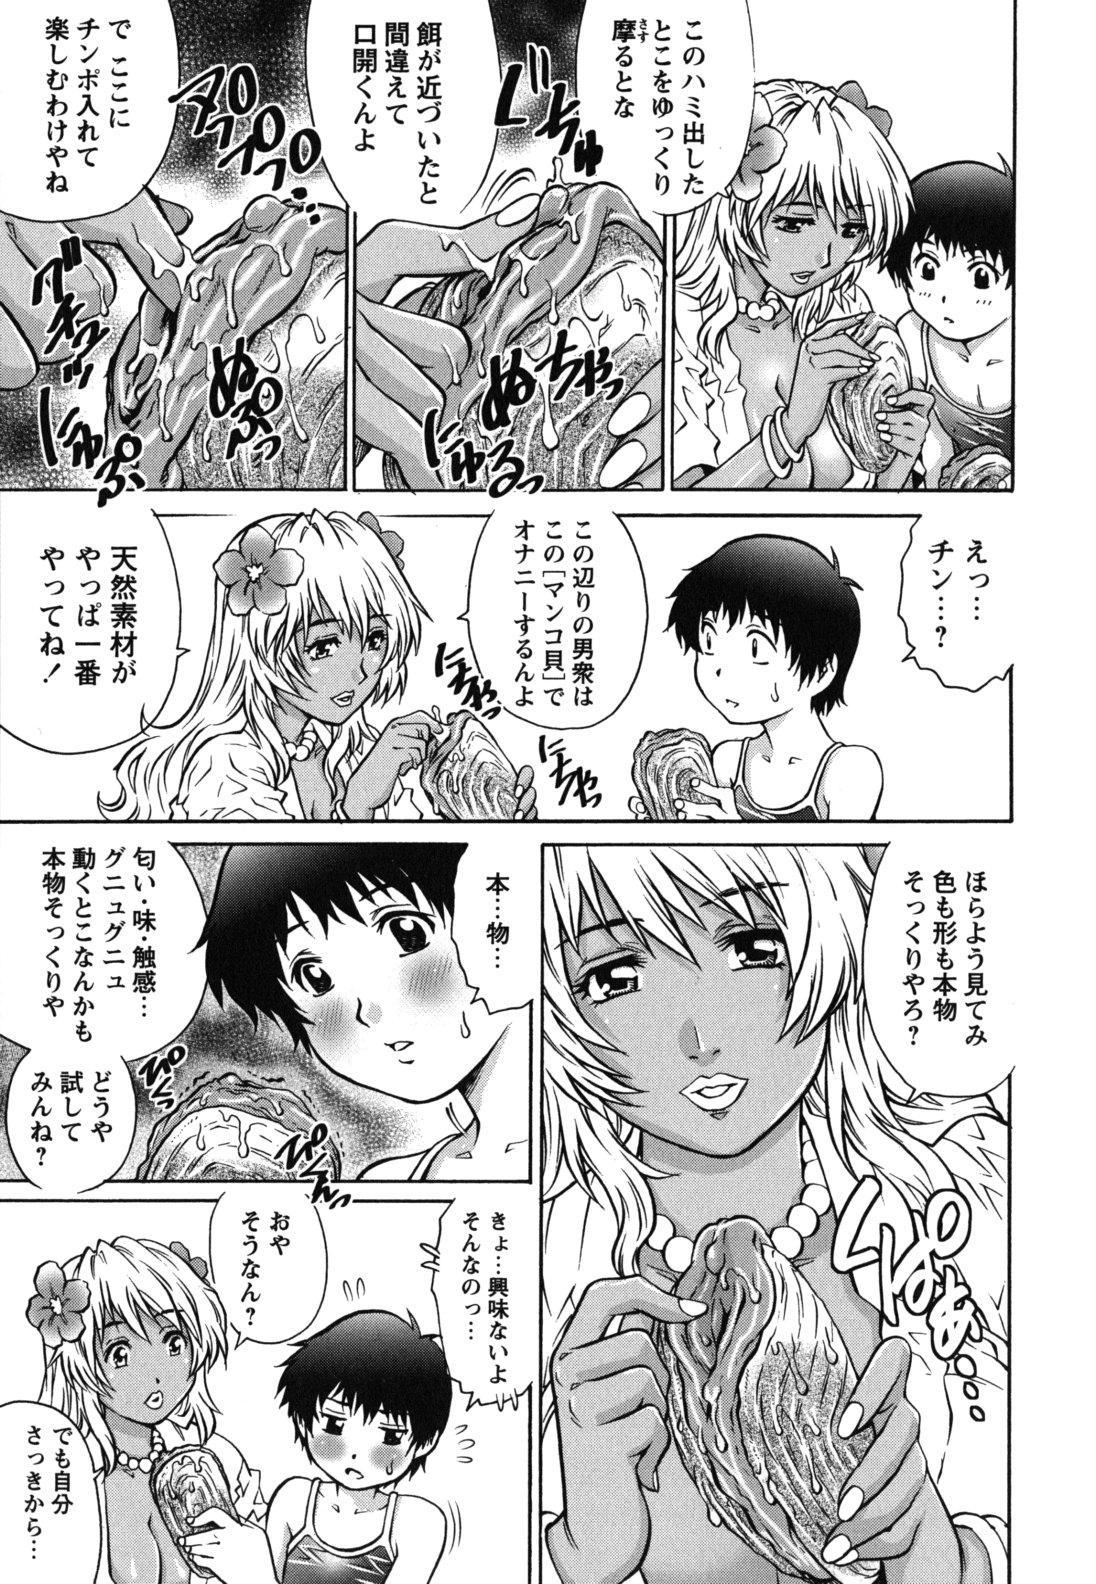 Hajimete no SEX 139